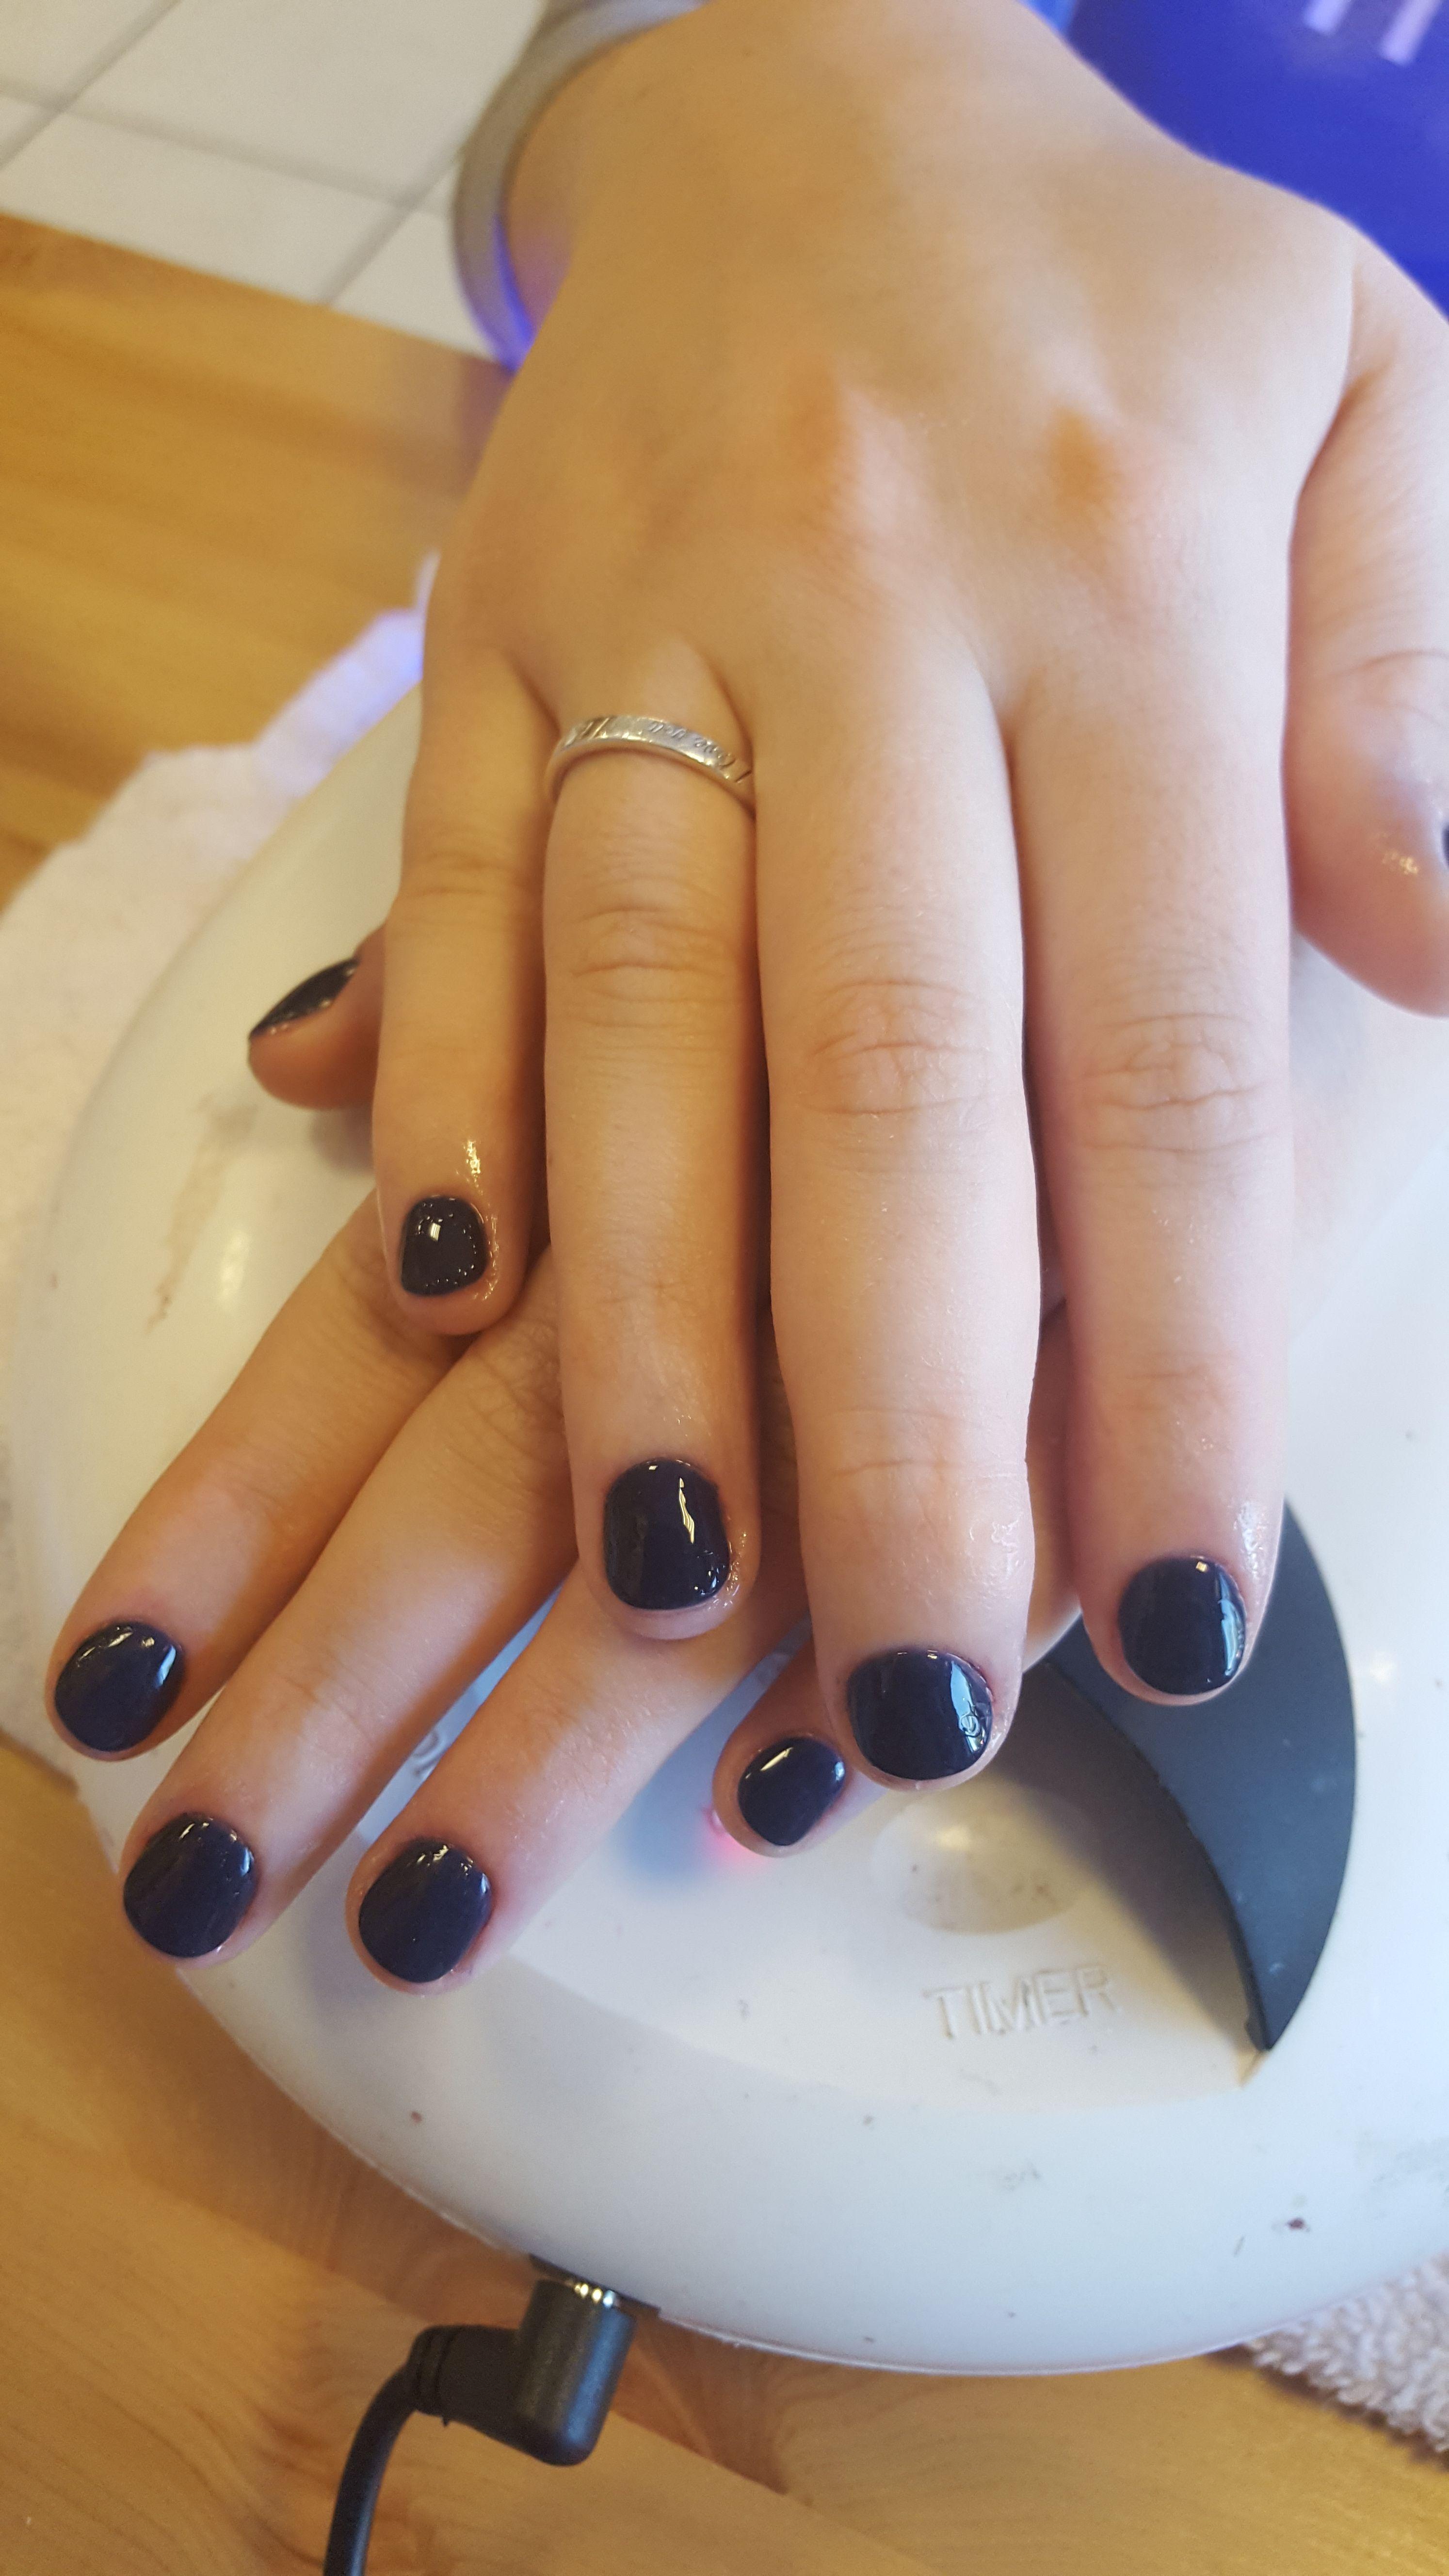 Sns Dipping Powder For Short Nails Snsdippingpowder Dippingpowder Shortnails Powder Nails Short Nails Nails